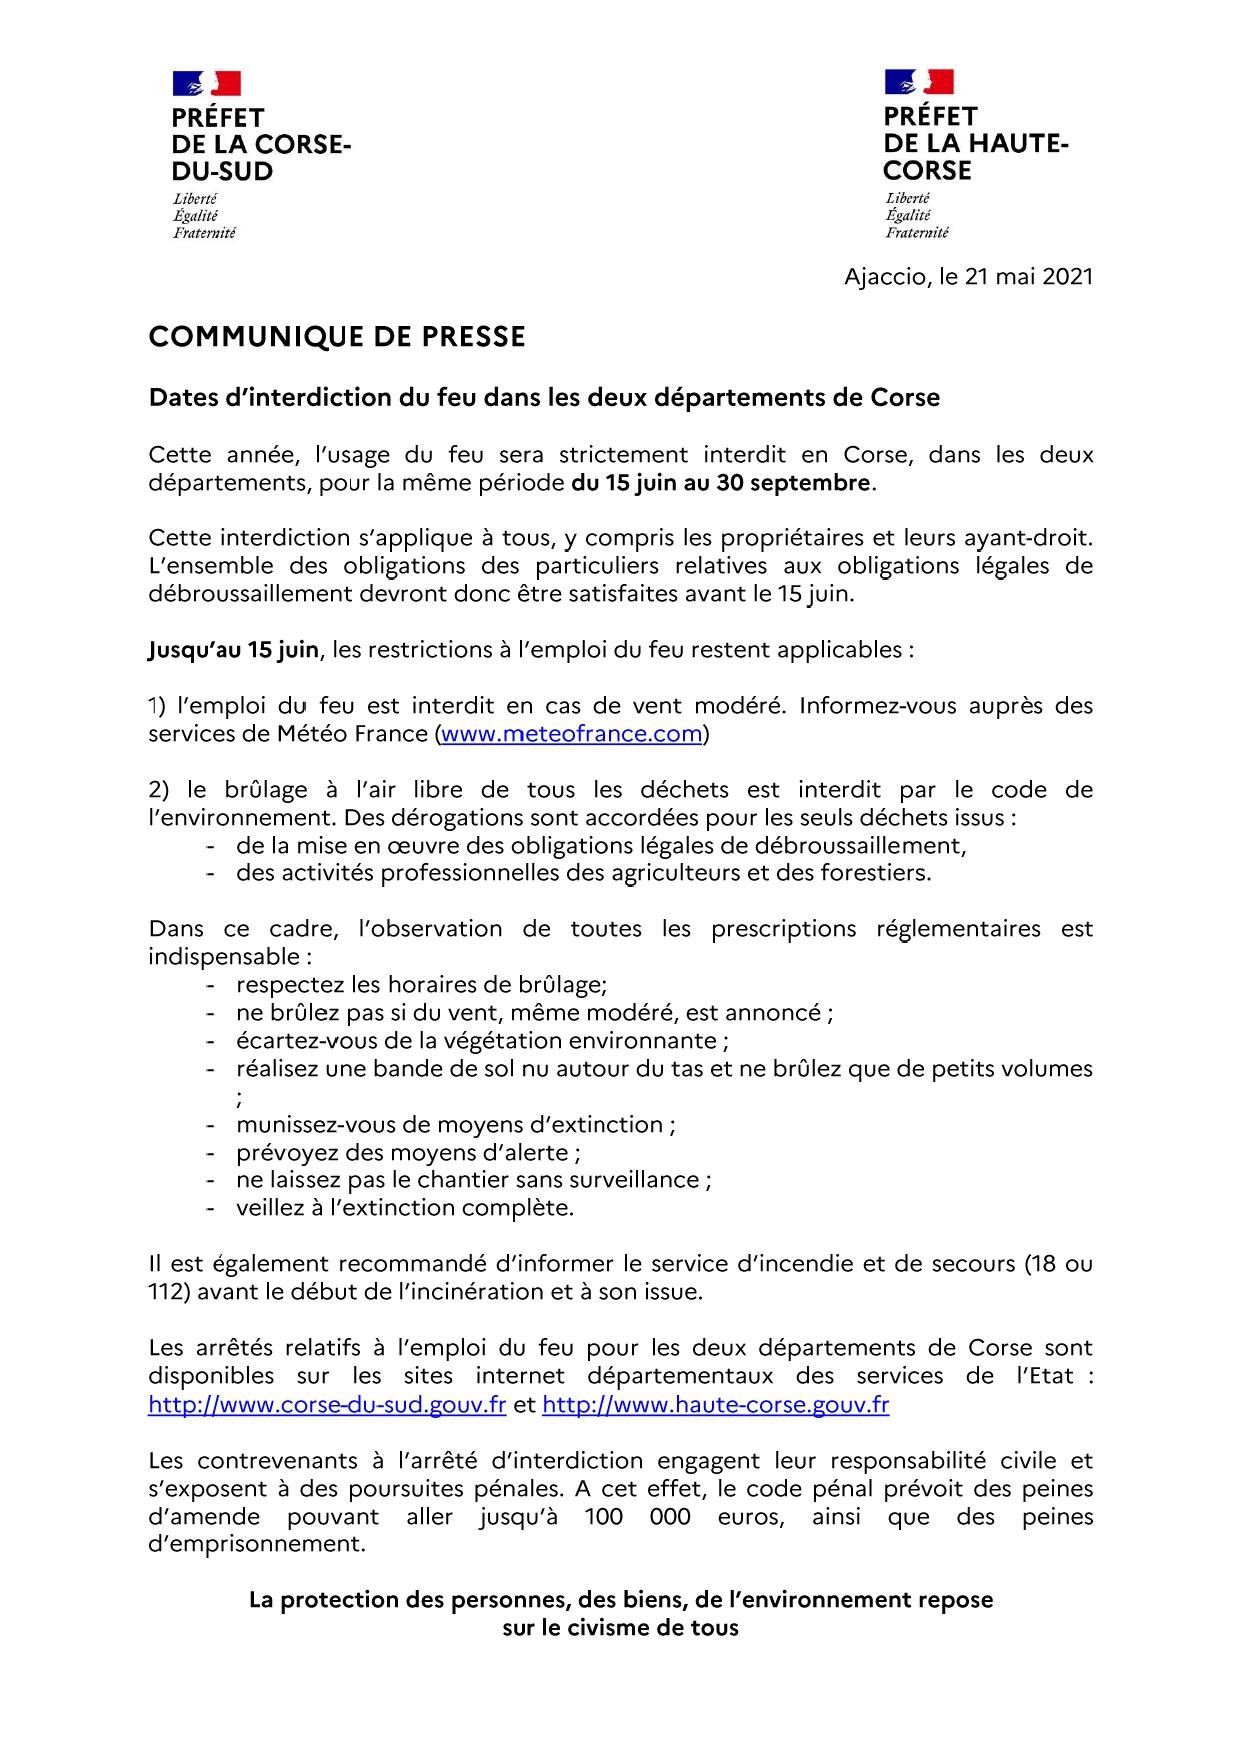 Interdiction de l'usage du feu à compter du 15 juin 2021